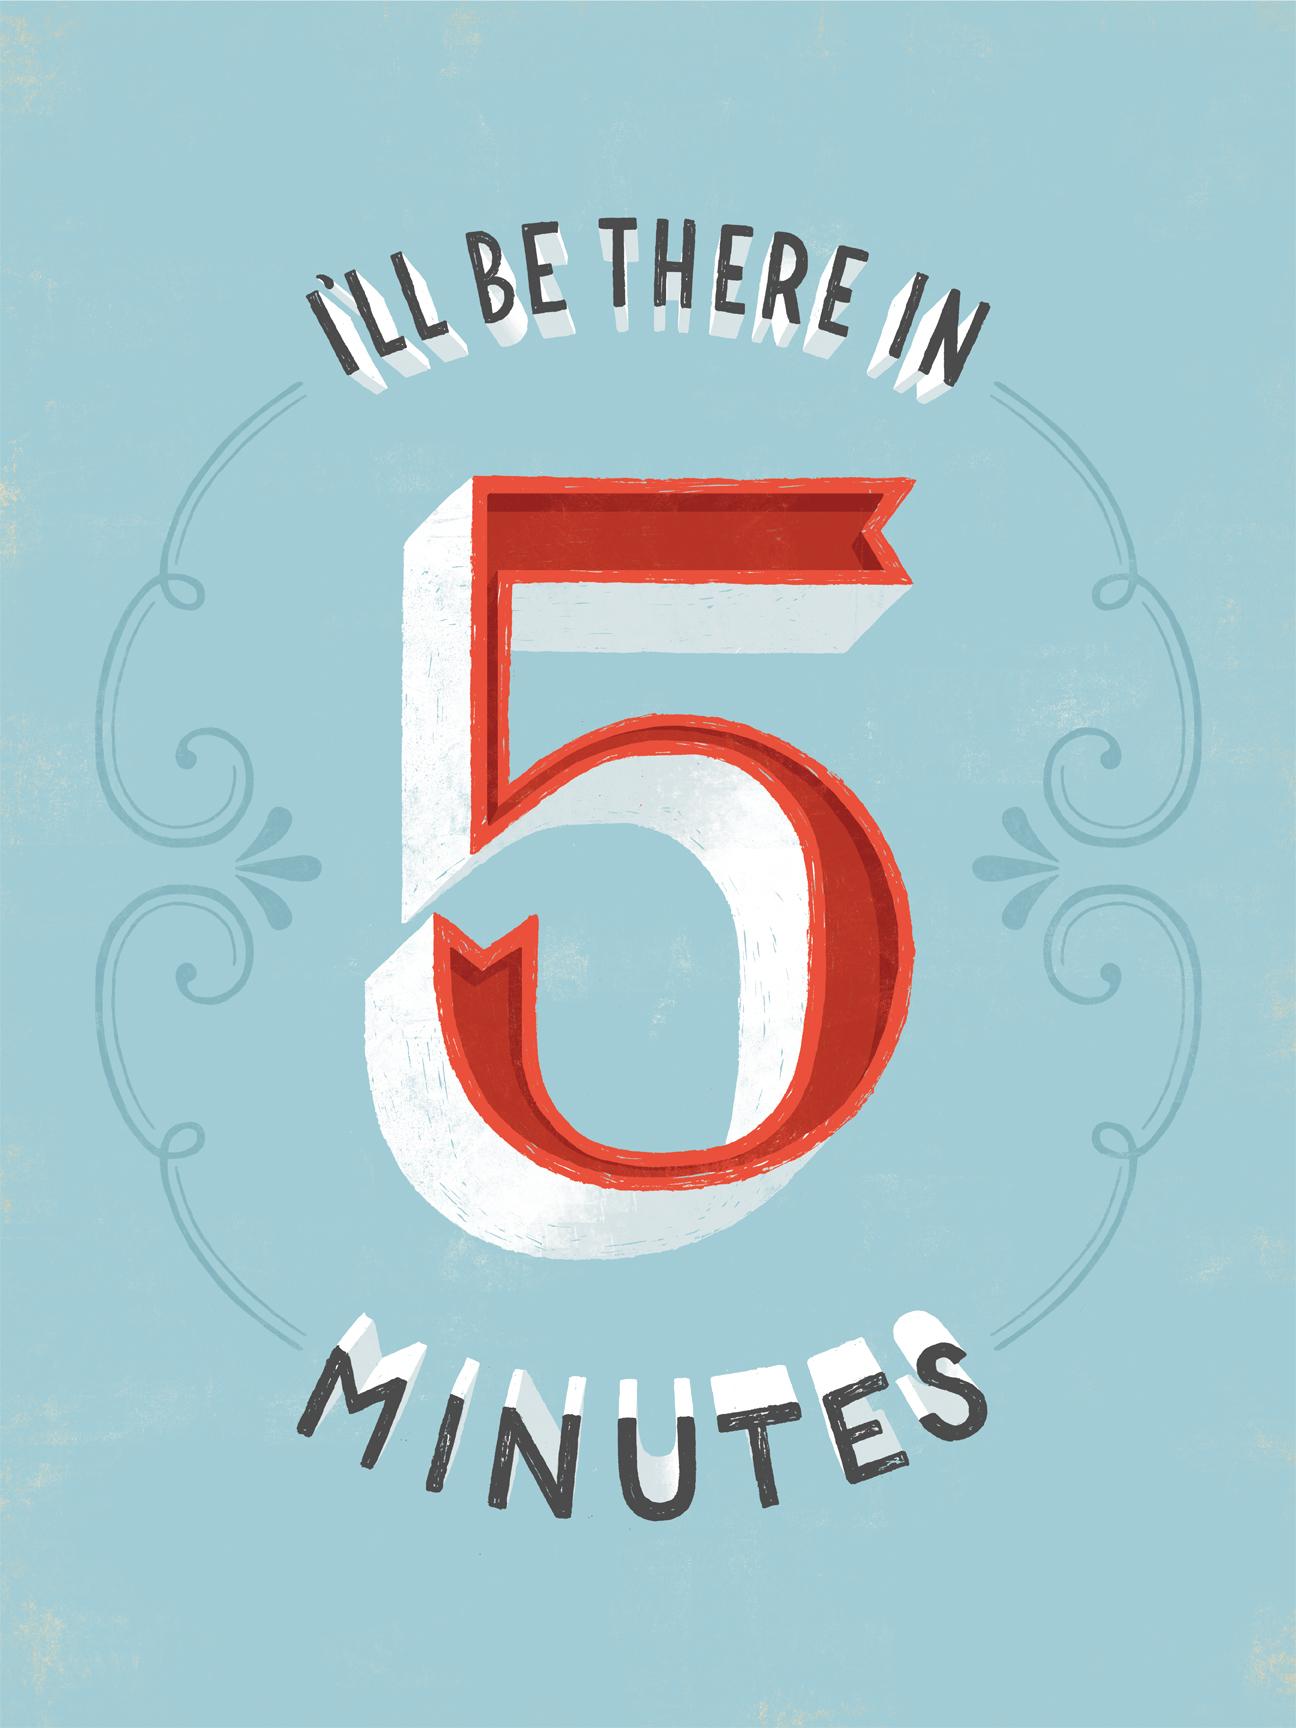 5 minutes web